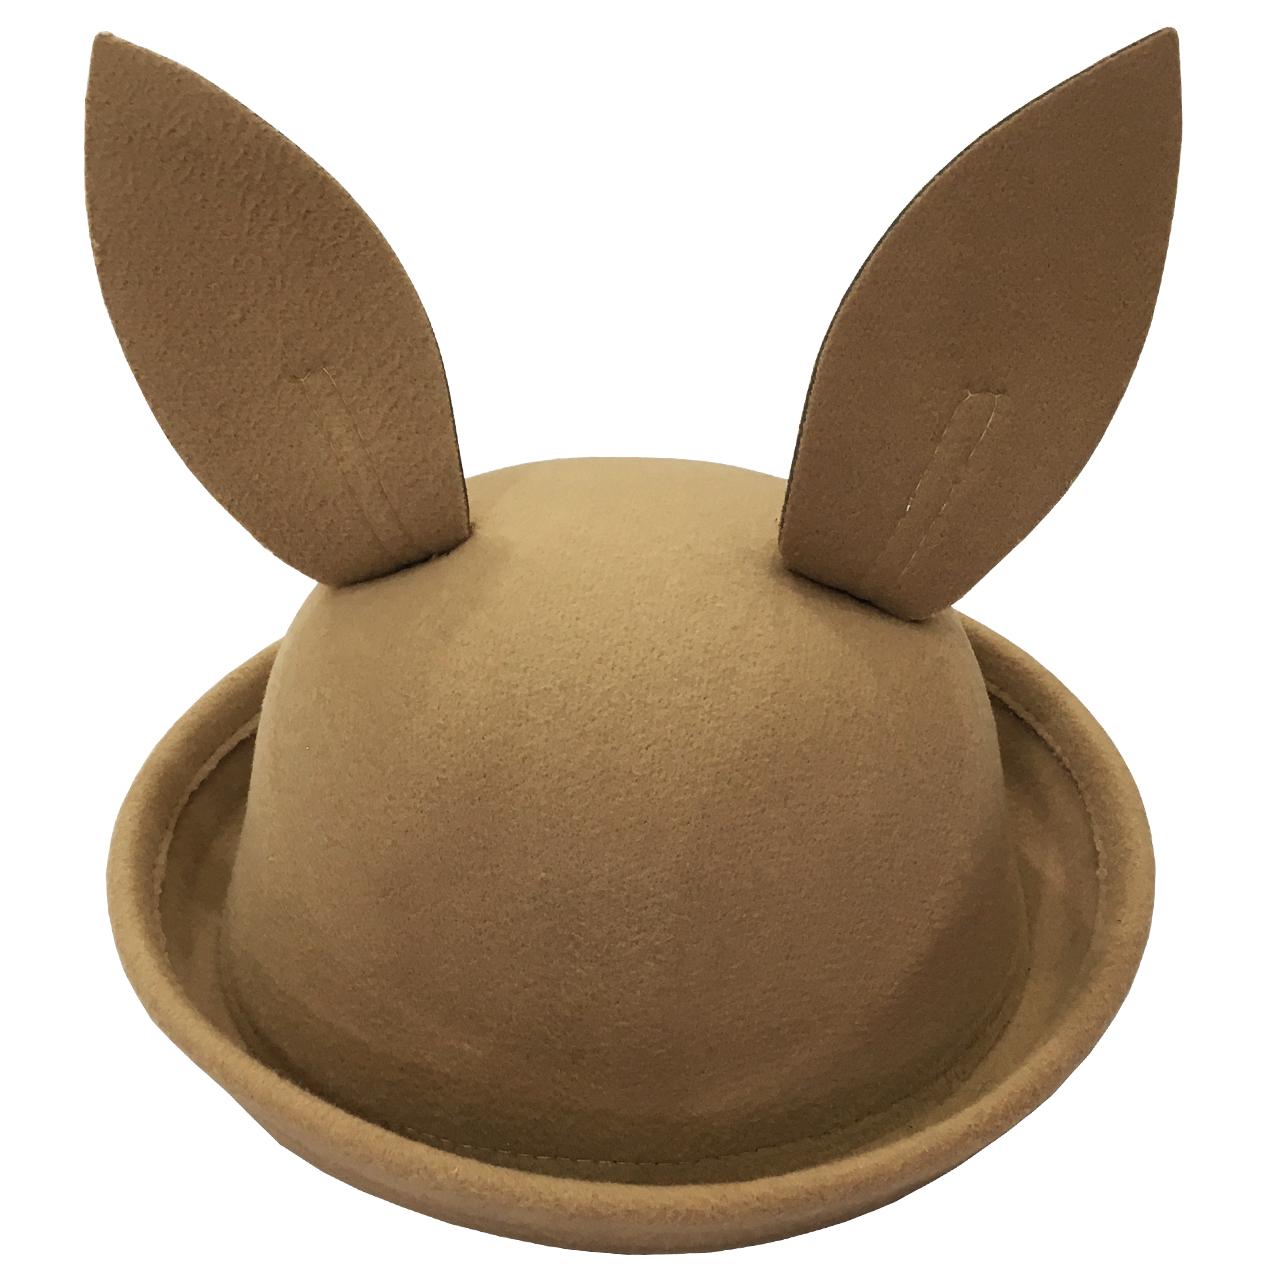 کلاه بچگانه طرح خرگوش رنگ کرم